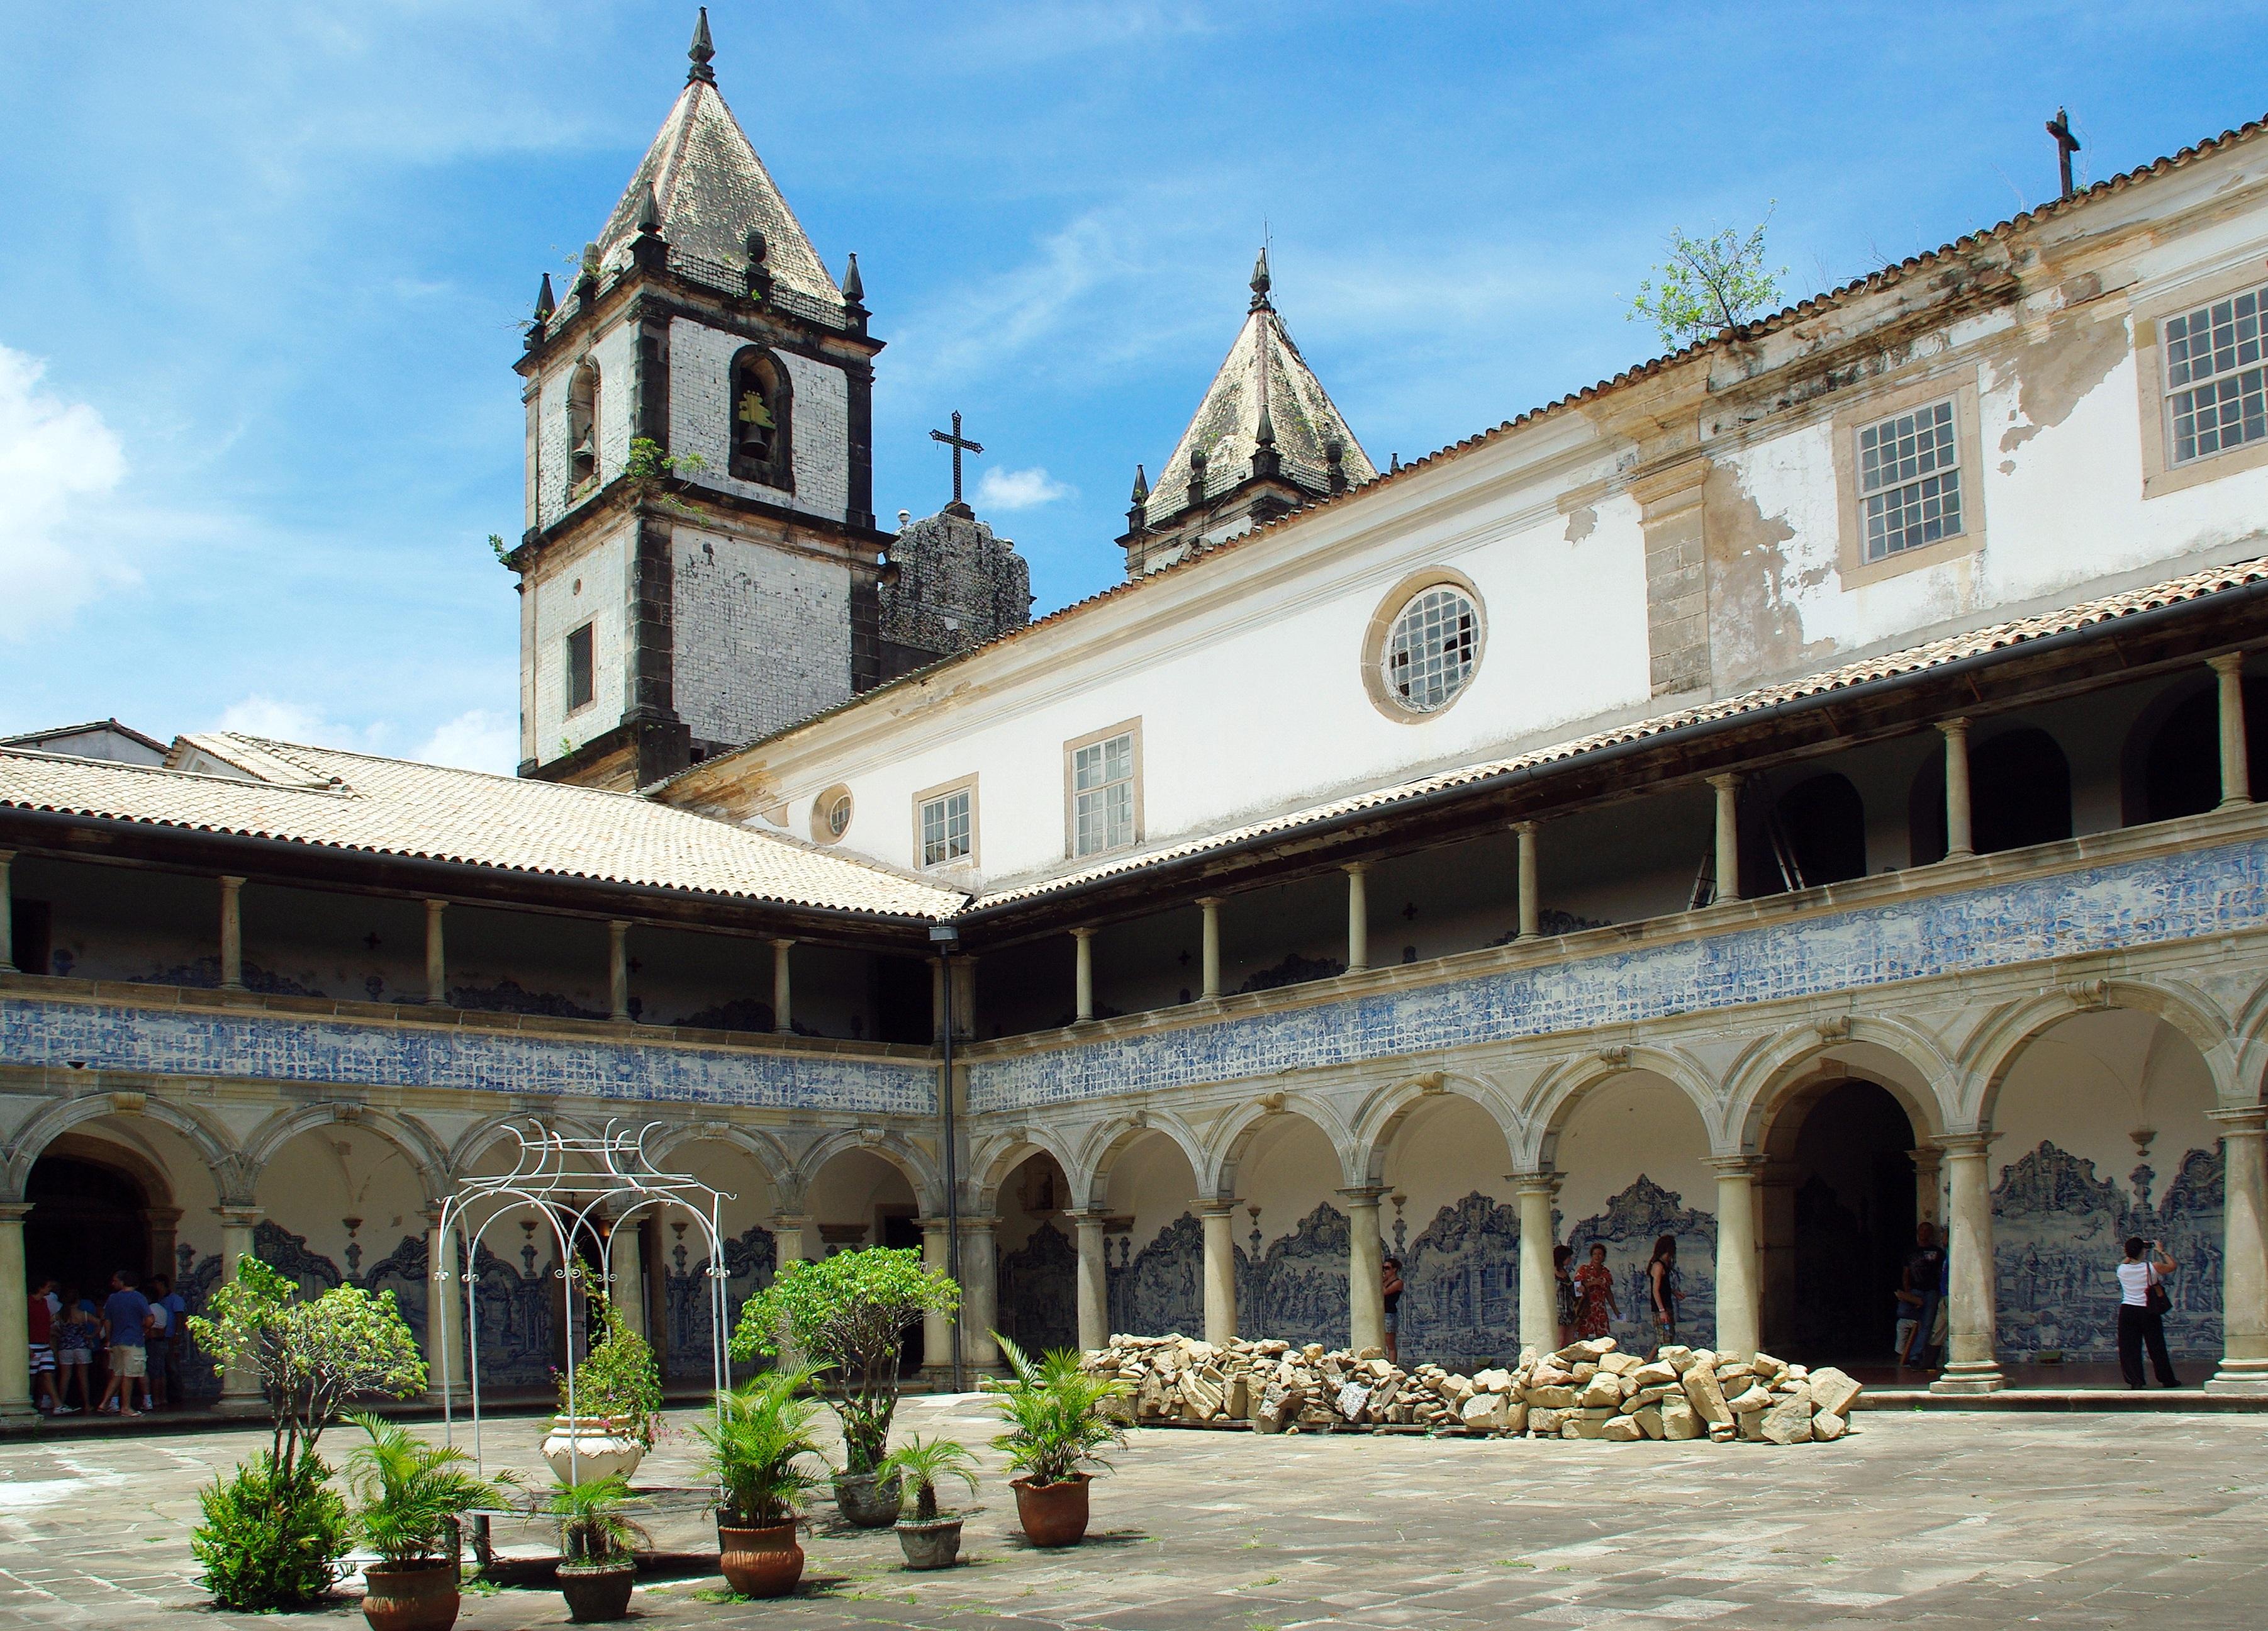 Fotos gratis : arquitectura, pueblo, edificio, palacio, plaza, punto ...